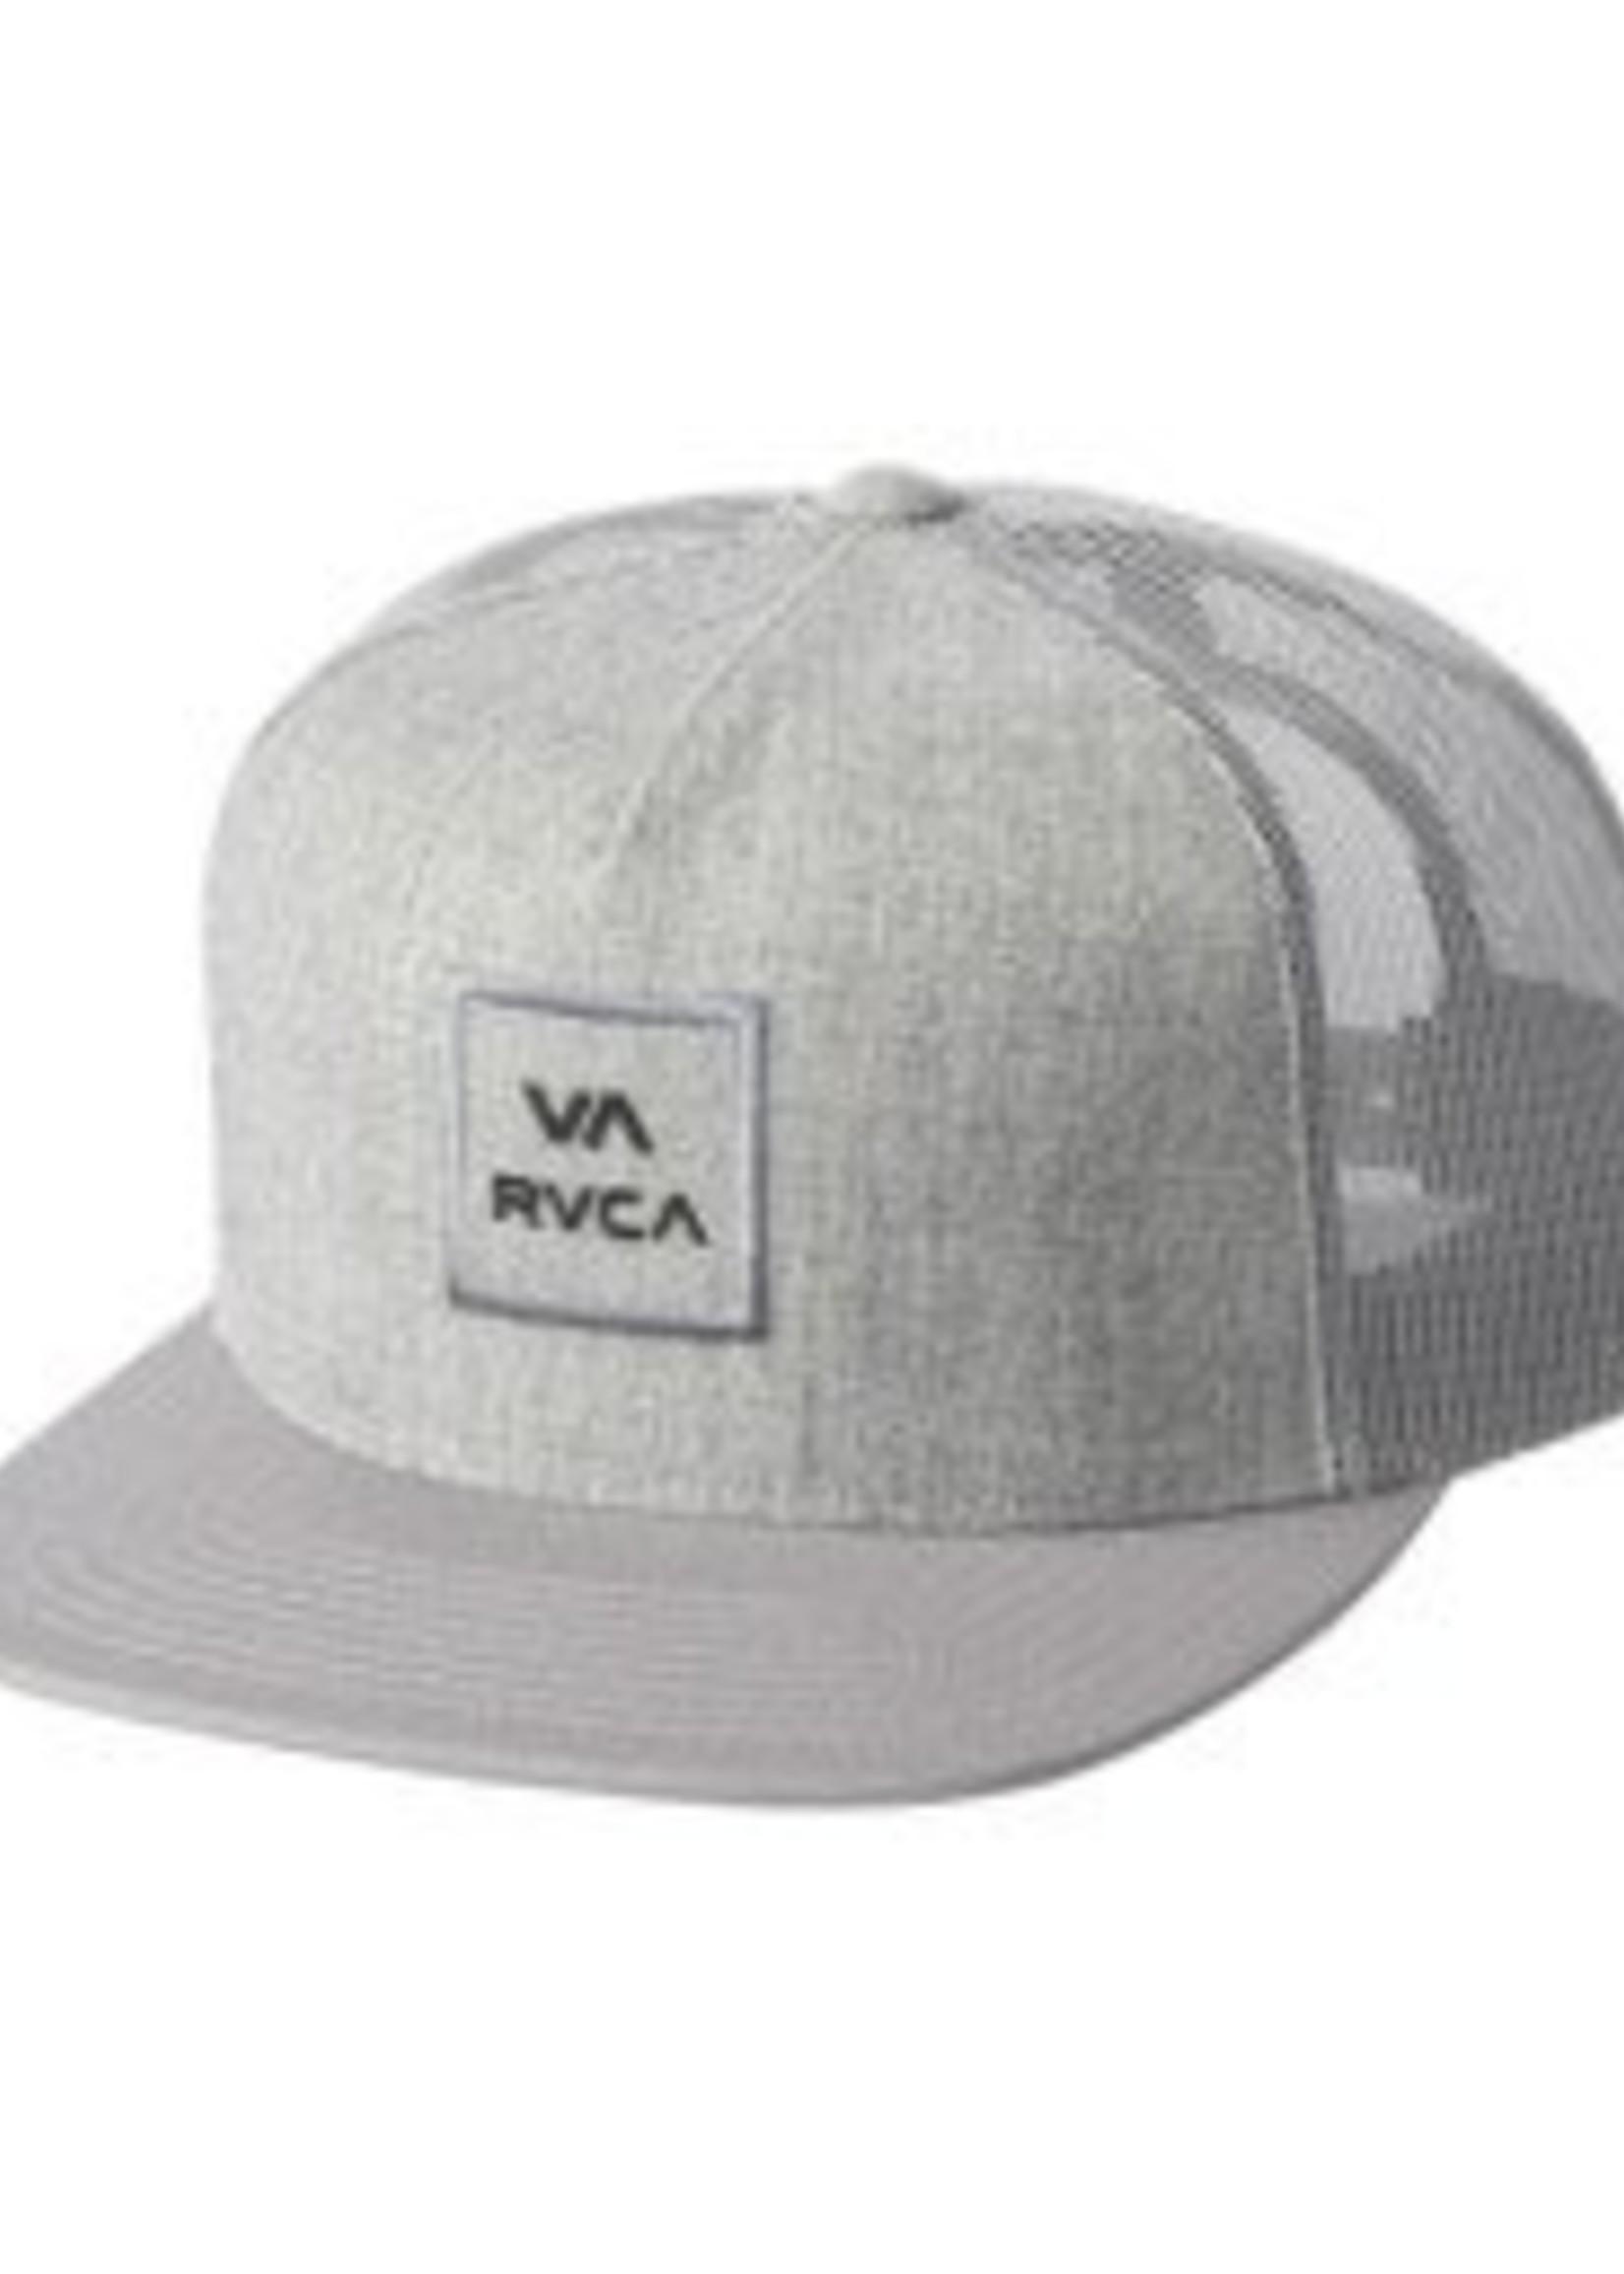 RVCA VA Trucker Hat - Heather/Black